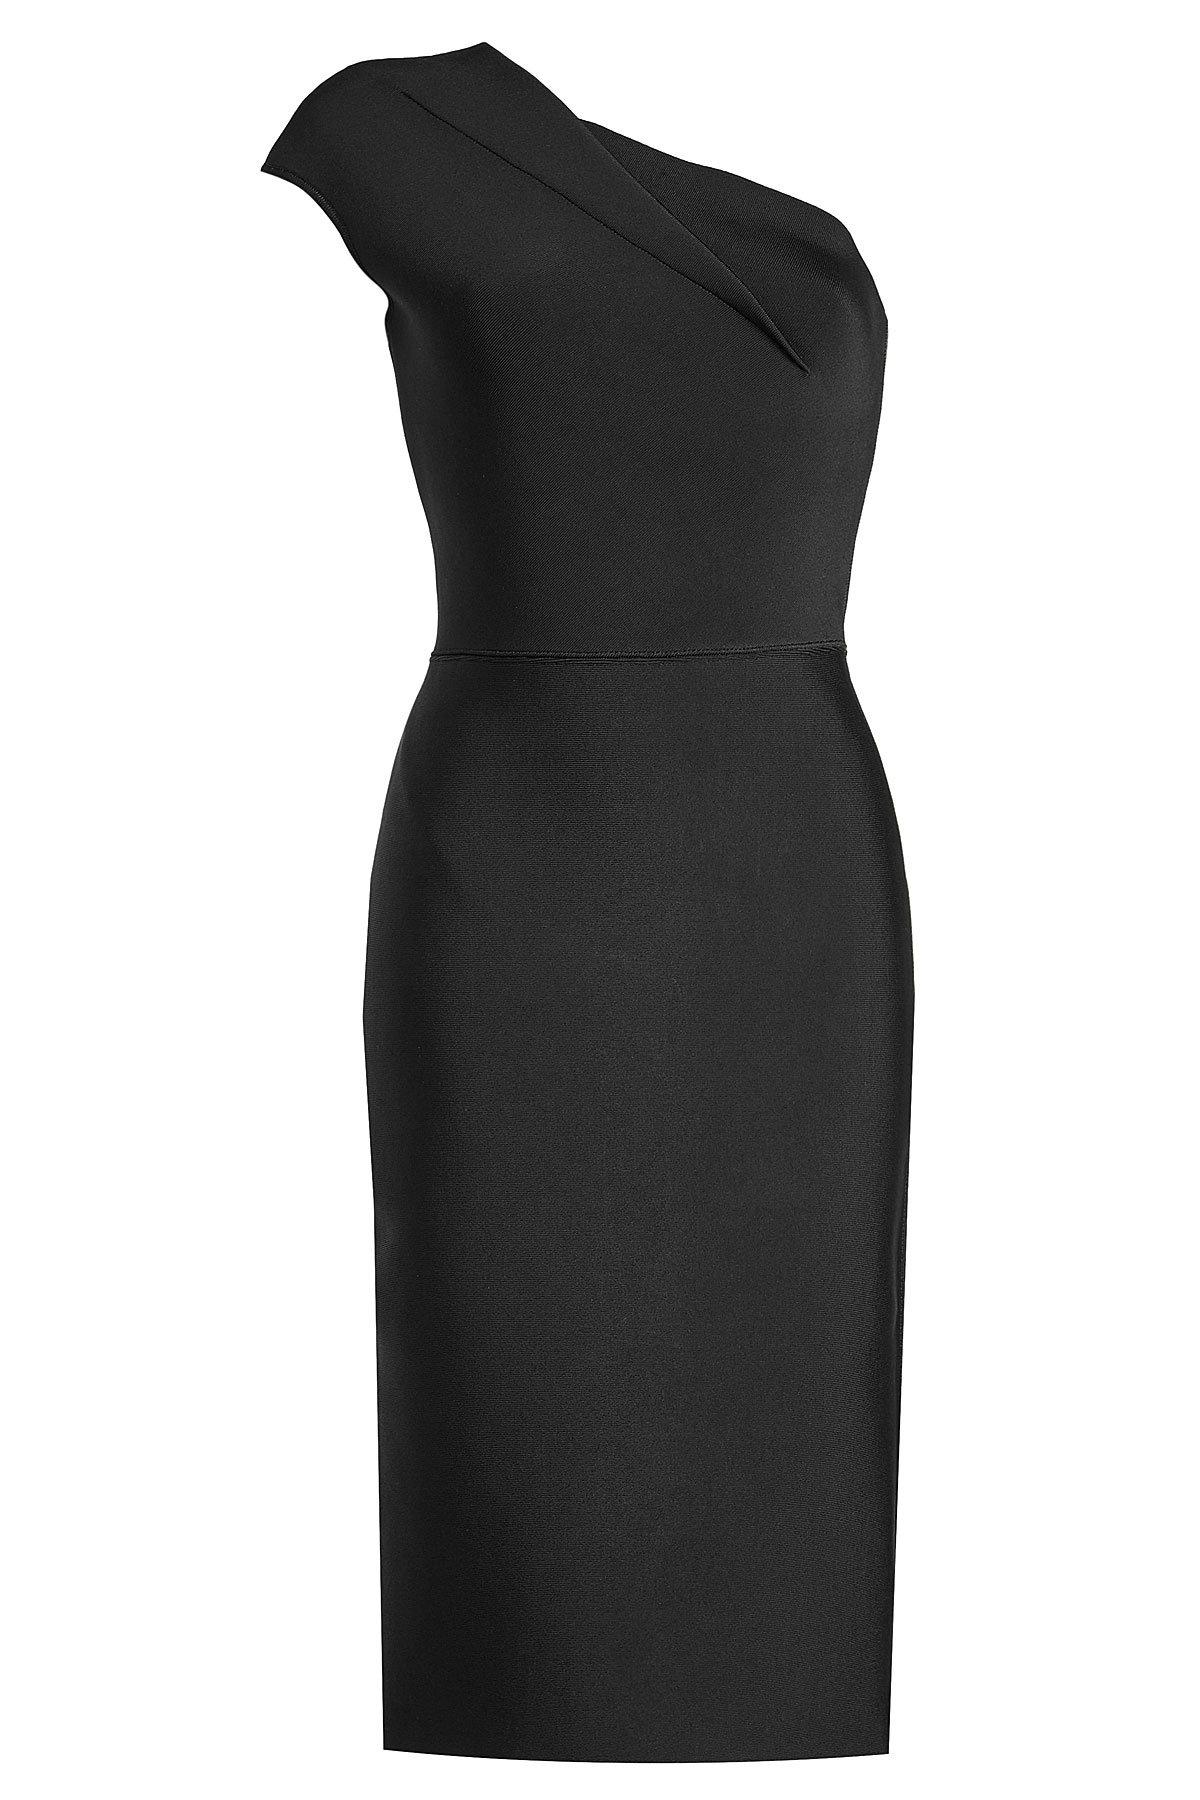 c48e7294d41 Lyst - Roland Mouret One-shoulder Dress in Black